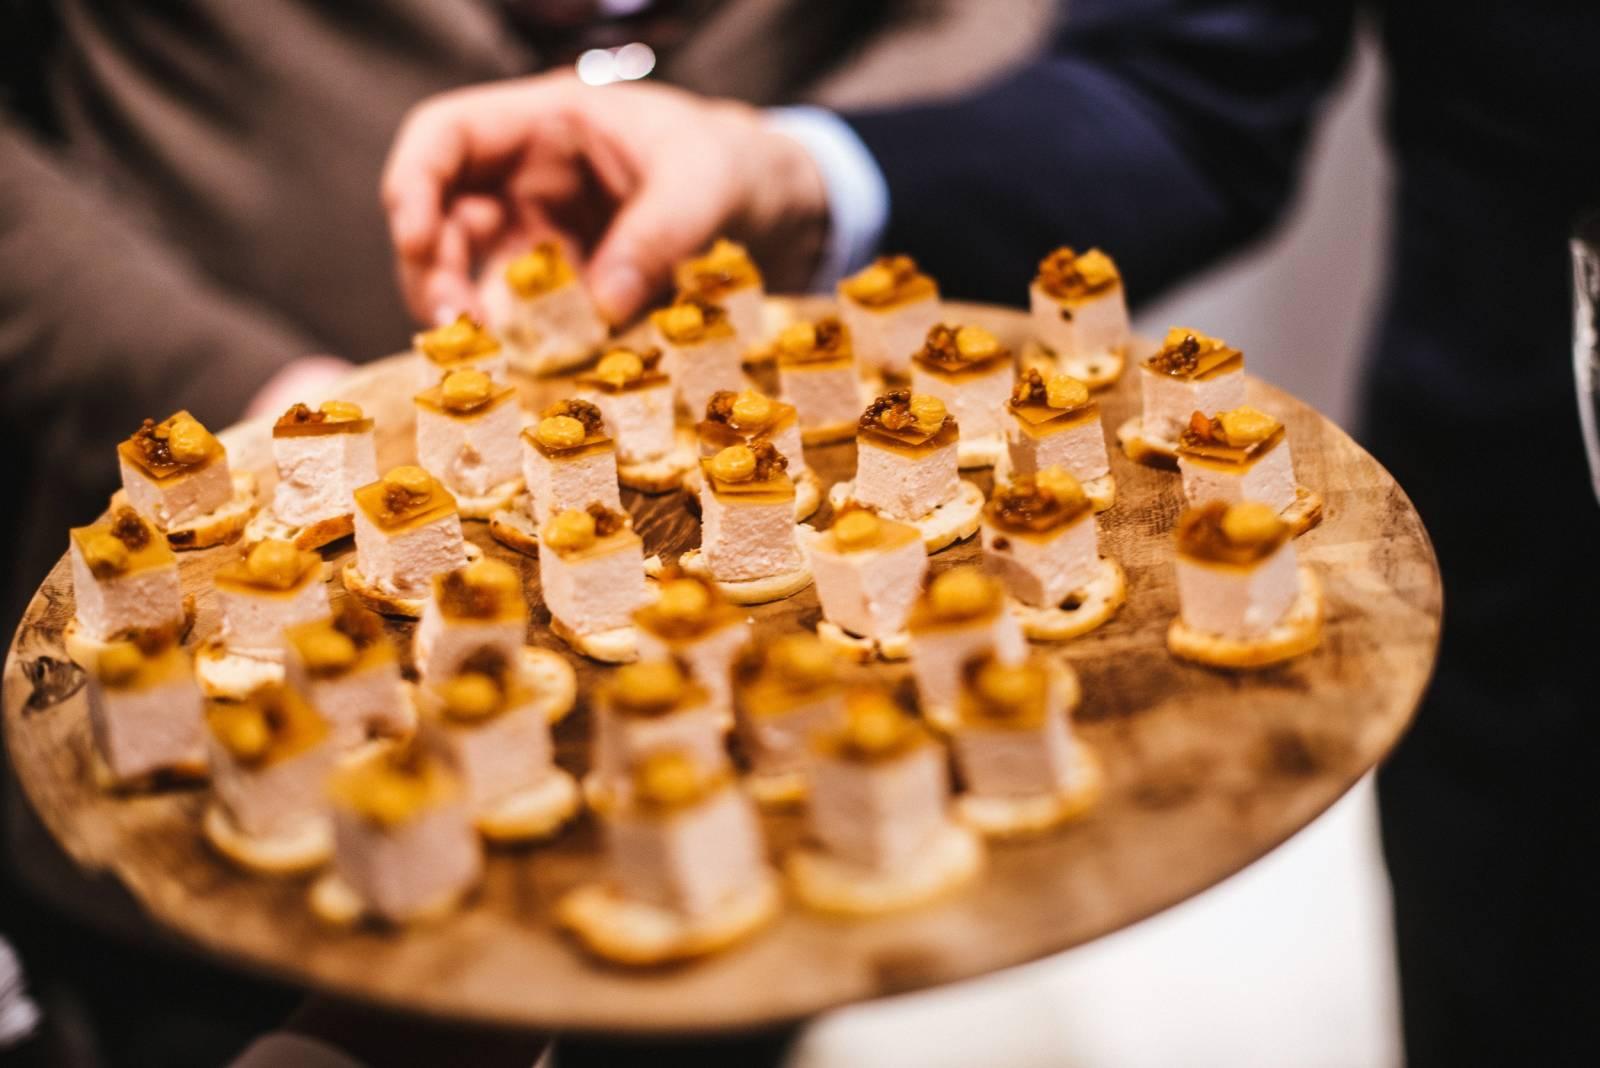 Dîner Privé - Catering Huwelijk Trouw Bruiloft - Cateraar - Traiteur - House of Events - 7